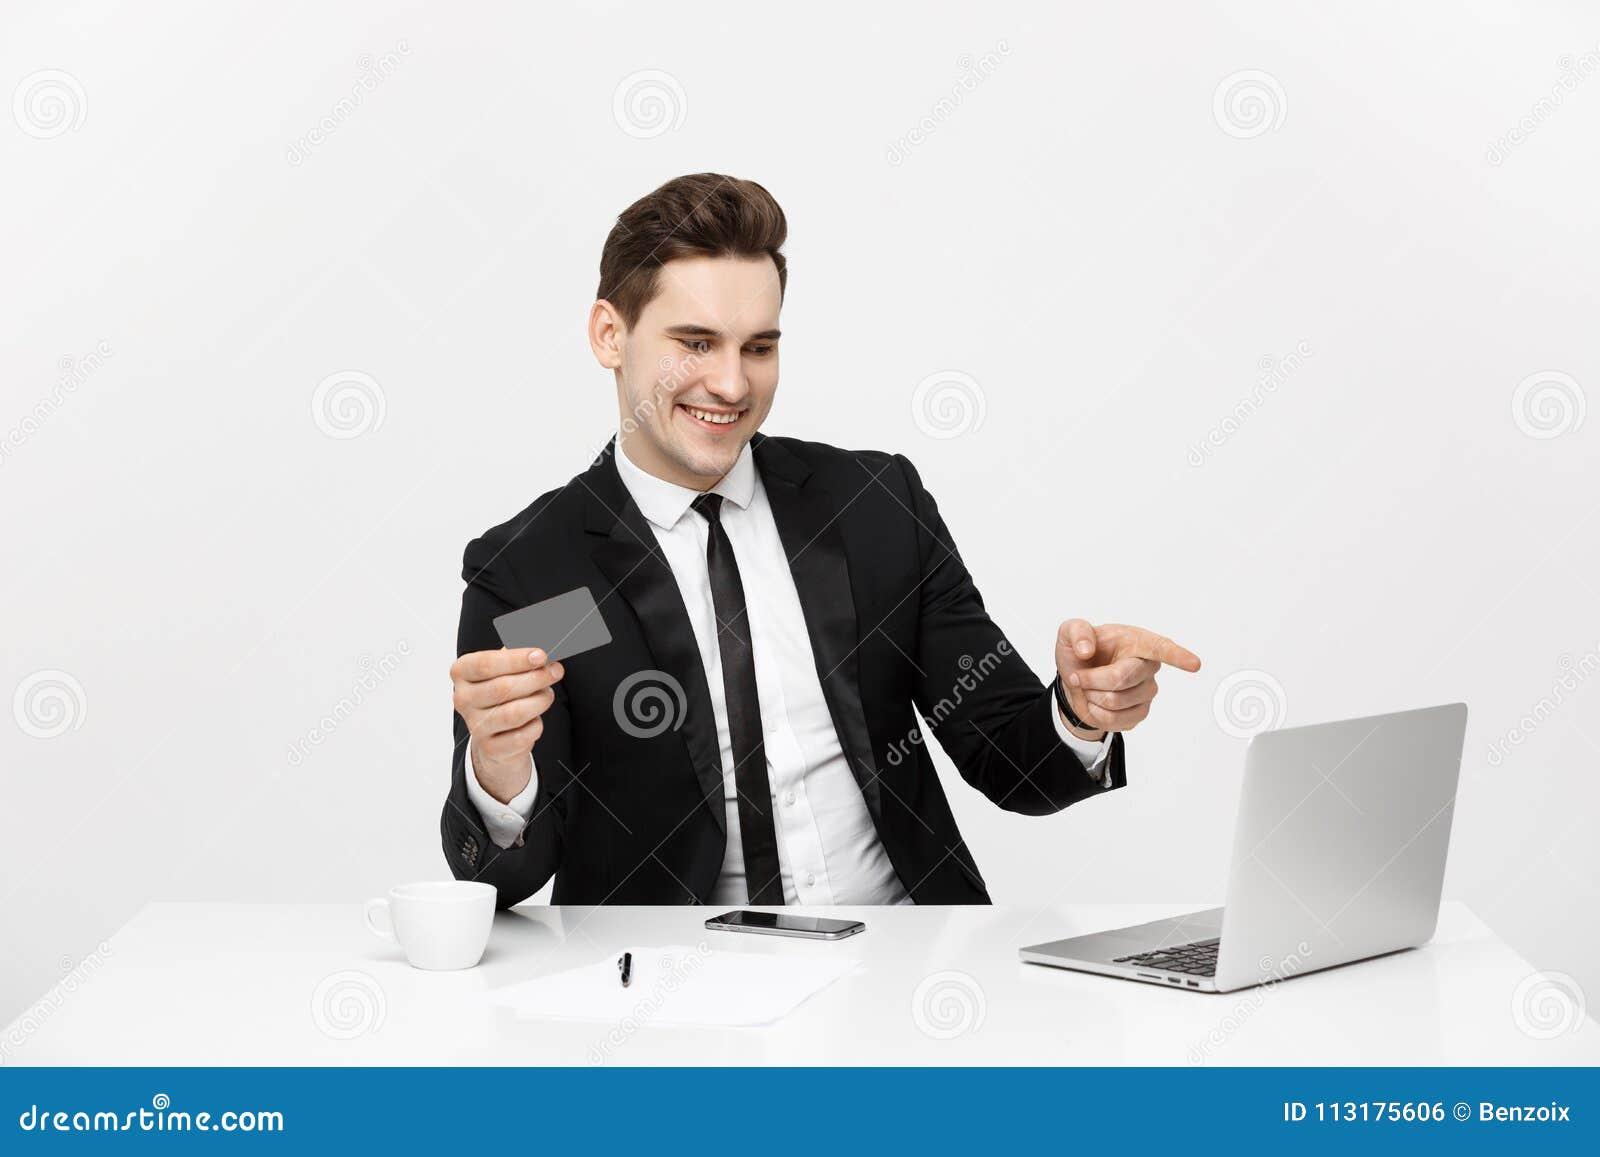 Современная технология, дело, карьера, электронная коммерция и онлайн торгуя концепция: Кавказский бизнесмен держа кредитную карт